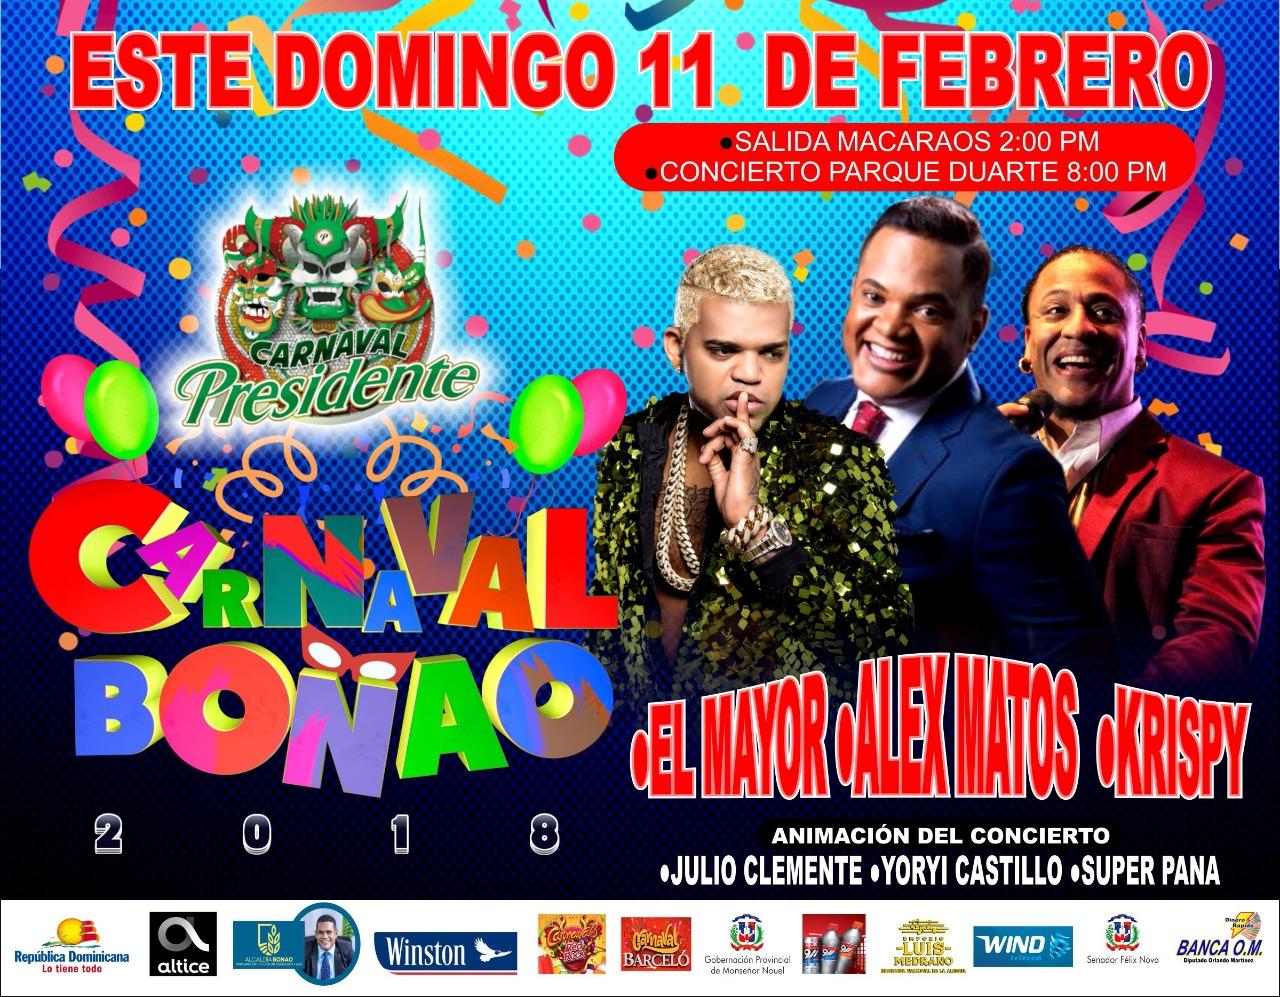 Alex Matos, El Mayor Clasico y Krispy le ponen el ritmo al carnaval Bonao éste Domingo.